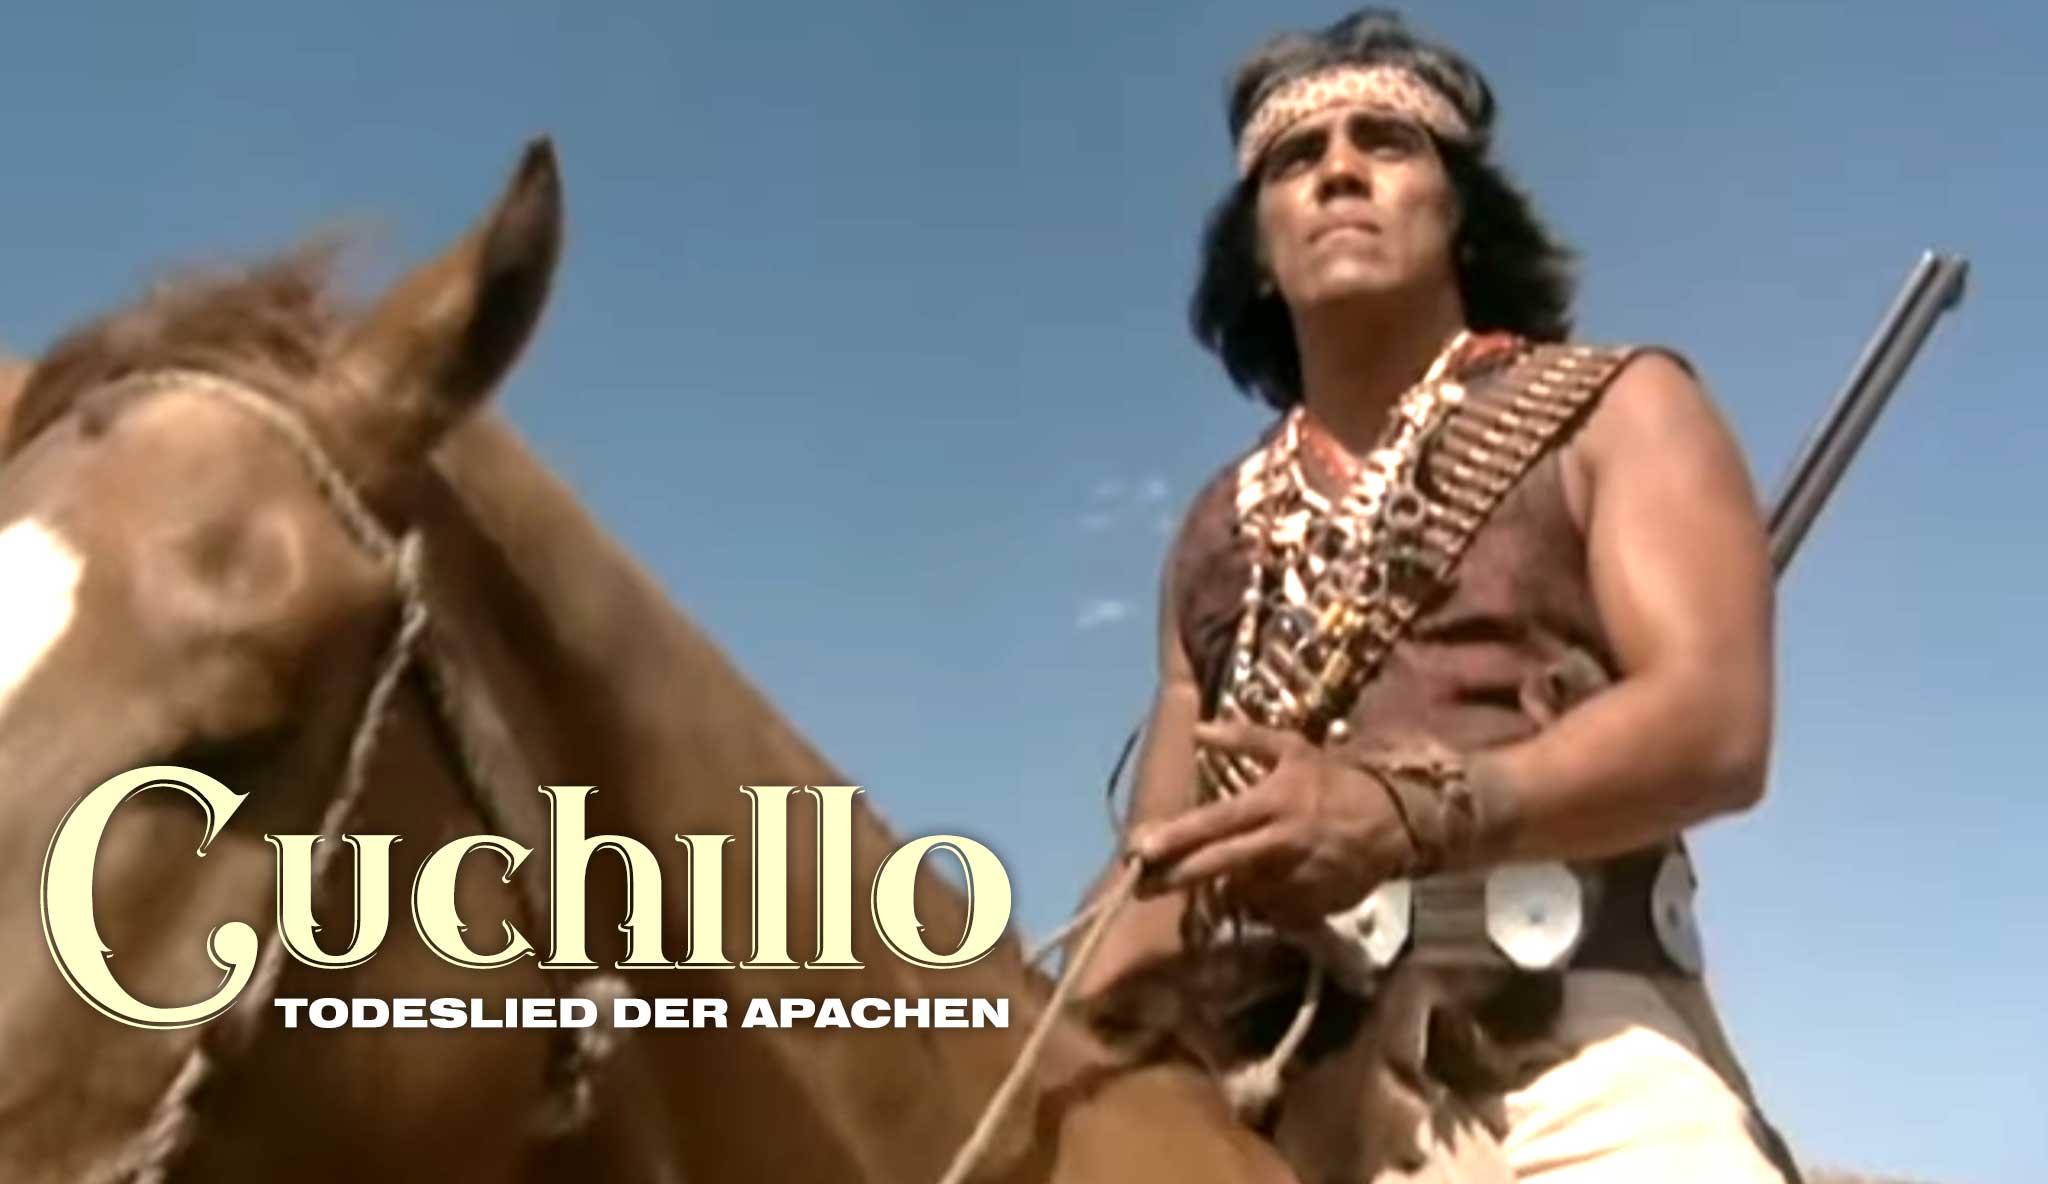 cuchillo-todeslied-der-apachen\header.jpg